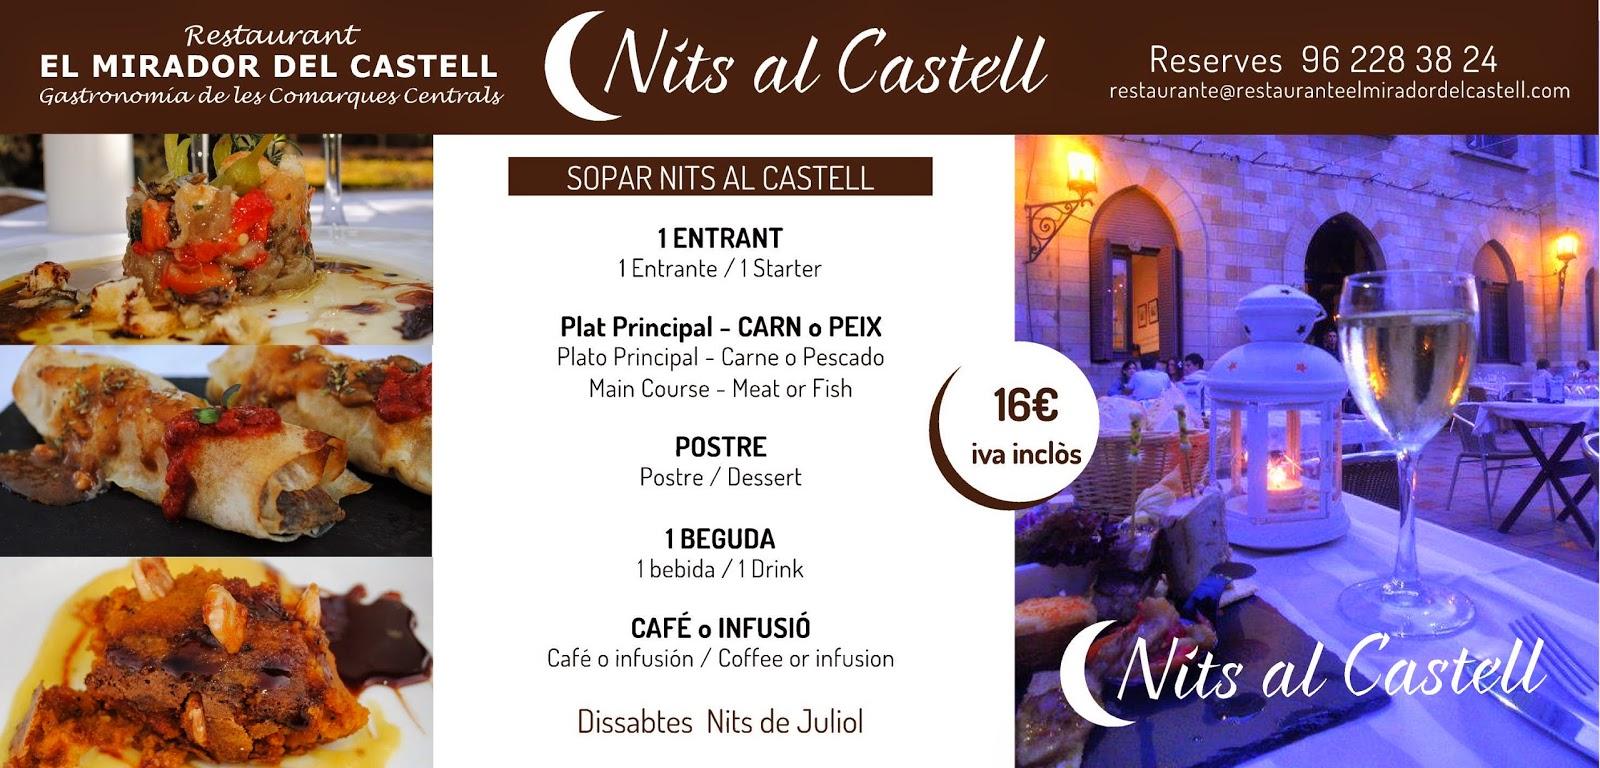 CENAS NITS AL CASTELL